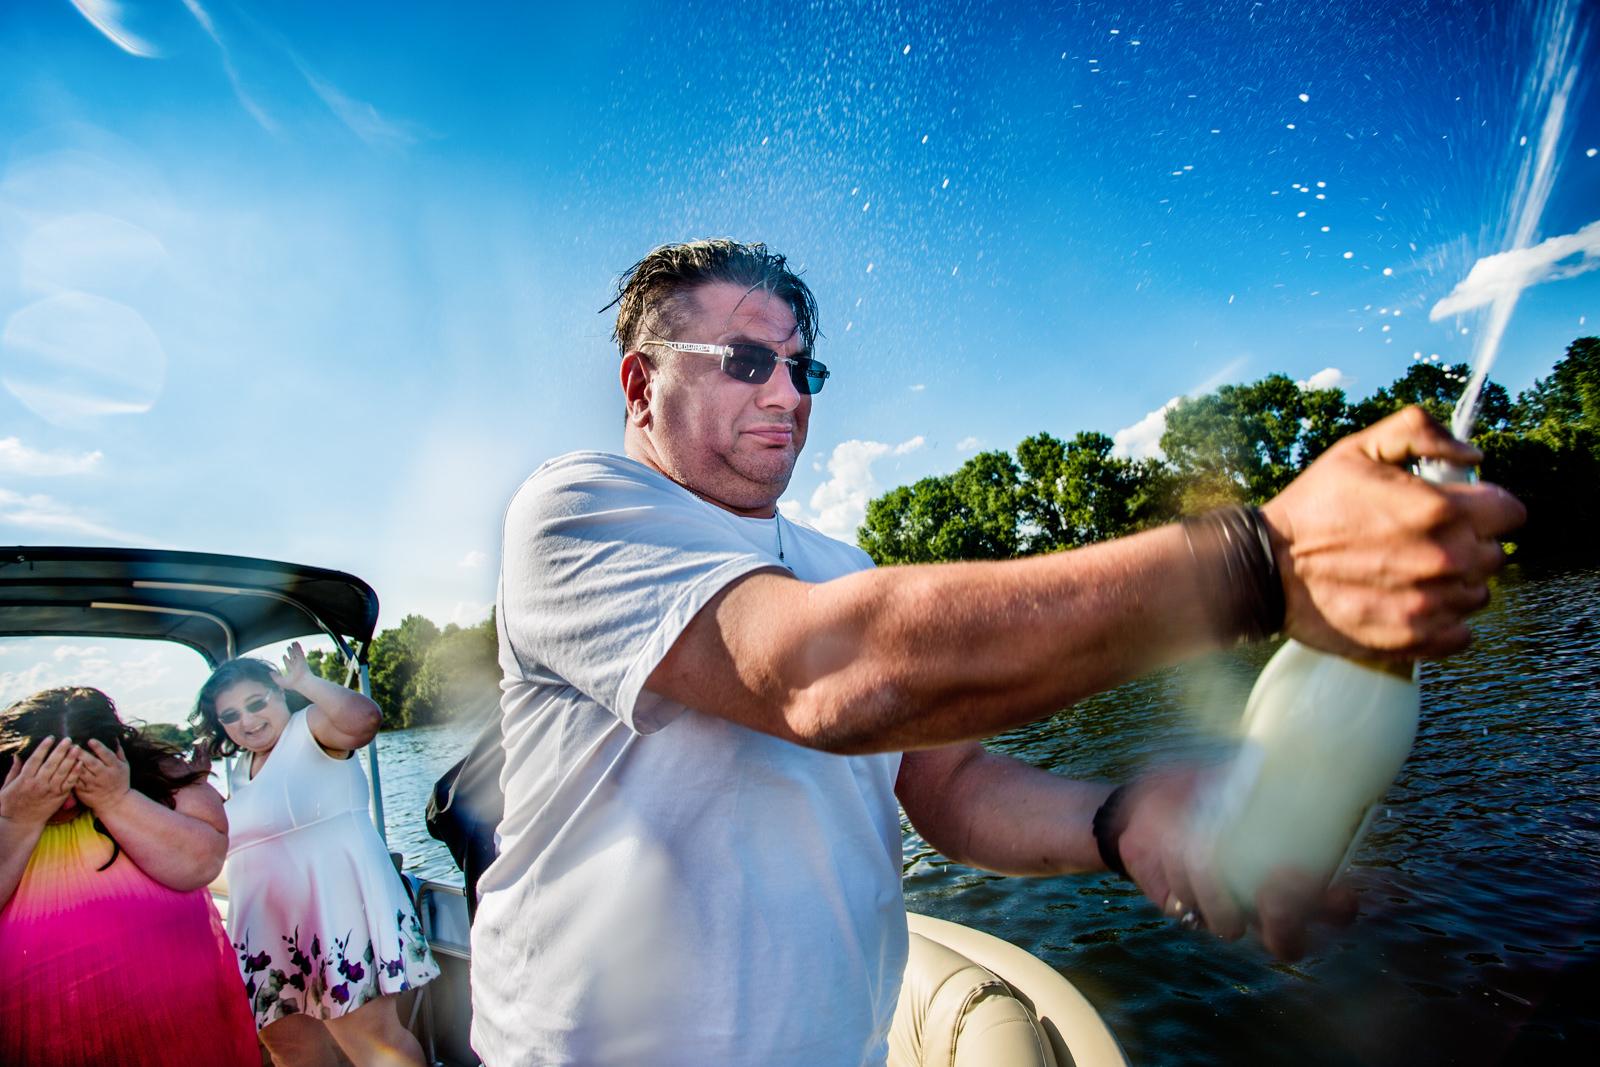 Champagner sprühen bei freier Trauung von Trautante Friederike Delong bei einer Hochzeit auf einem Boot in Hamburg fotografiert von Hochzeitsfotograf Steven Herrschaft aus Wiesbaden